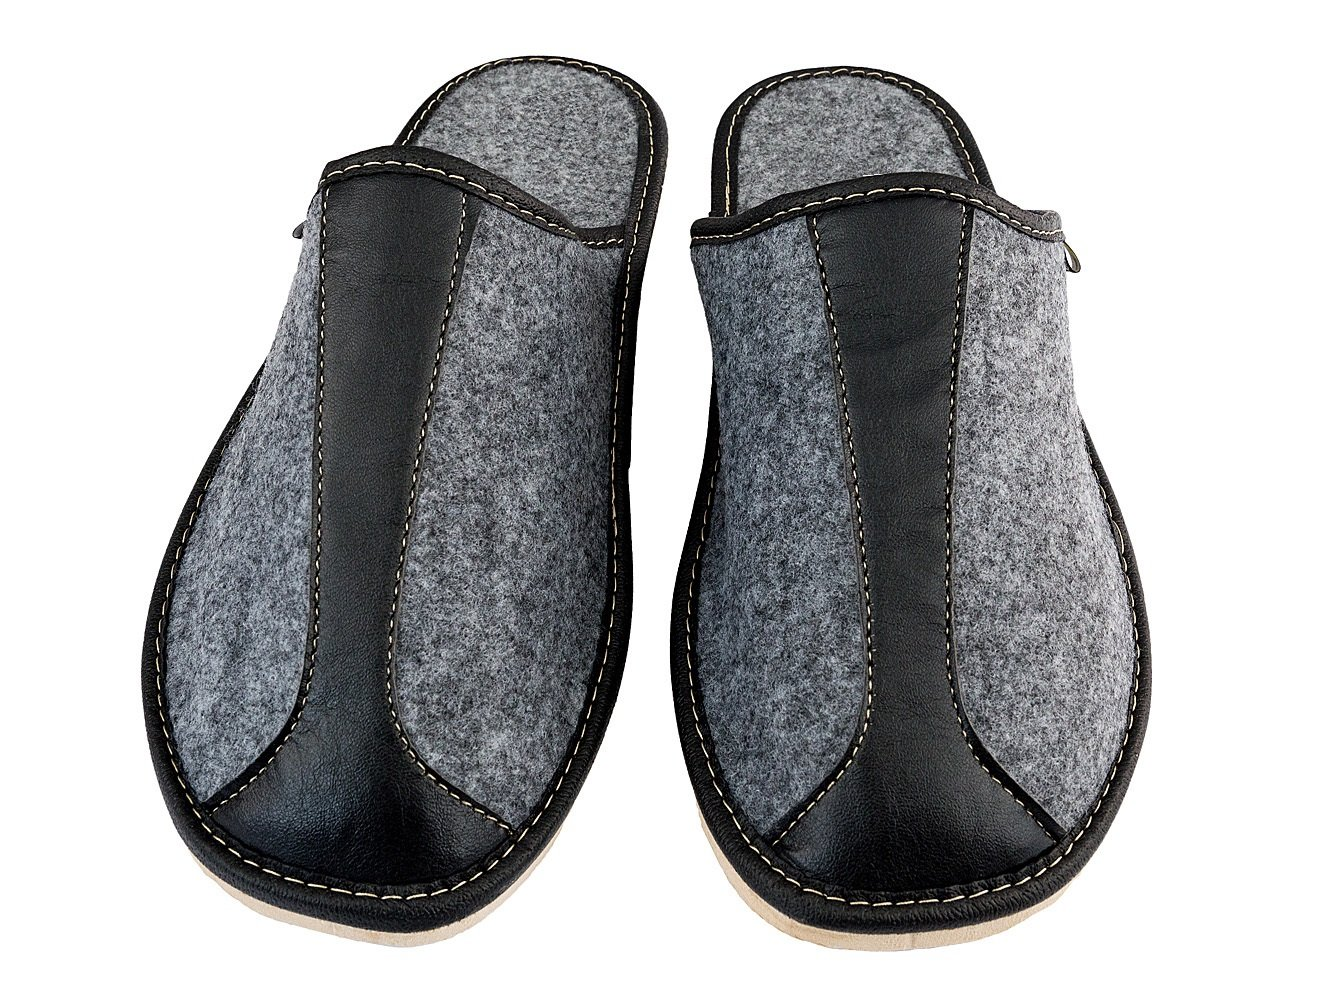 Filzpantoffeln Herren Filz Hausschuhe Filzlatschen Wärme Komfortschuhe Grau Handgemachte Qualität (44, Alfredo)